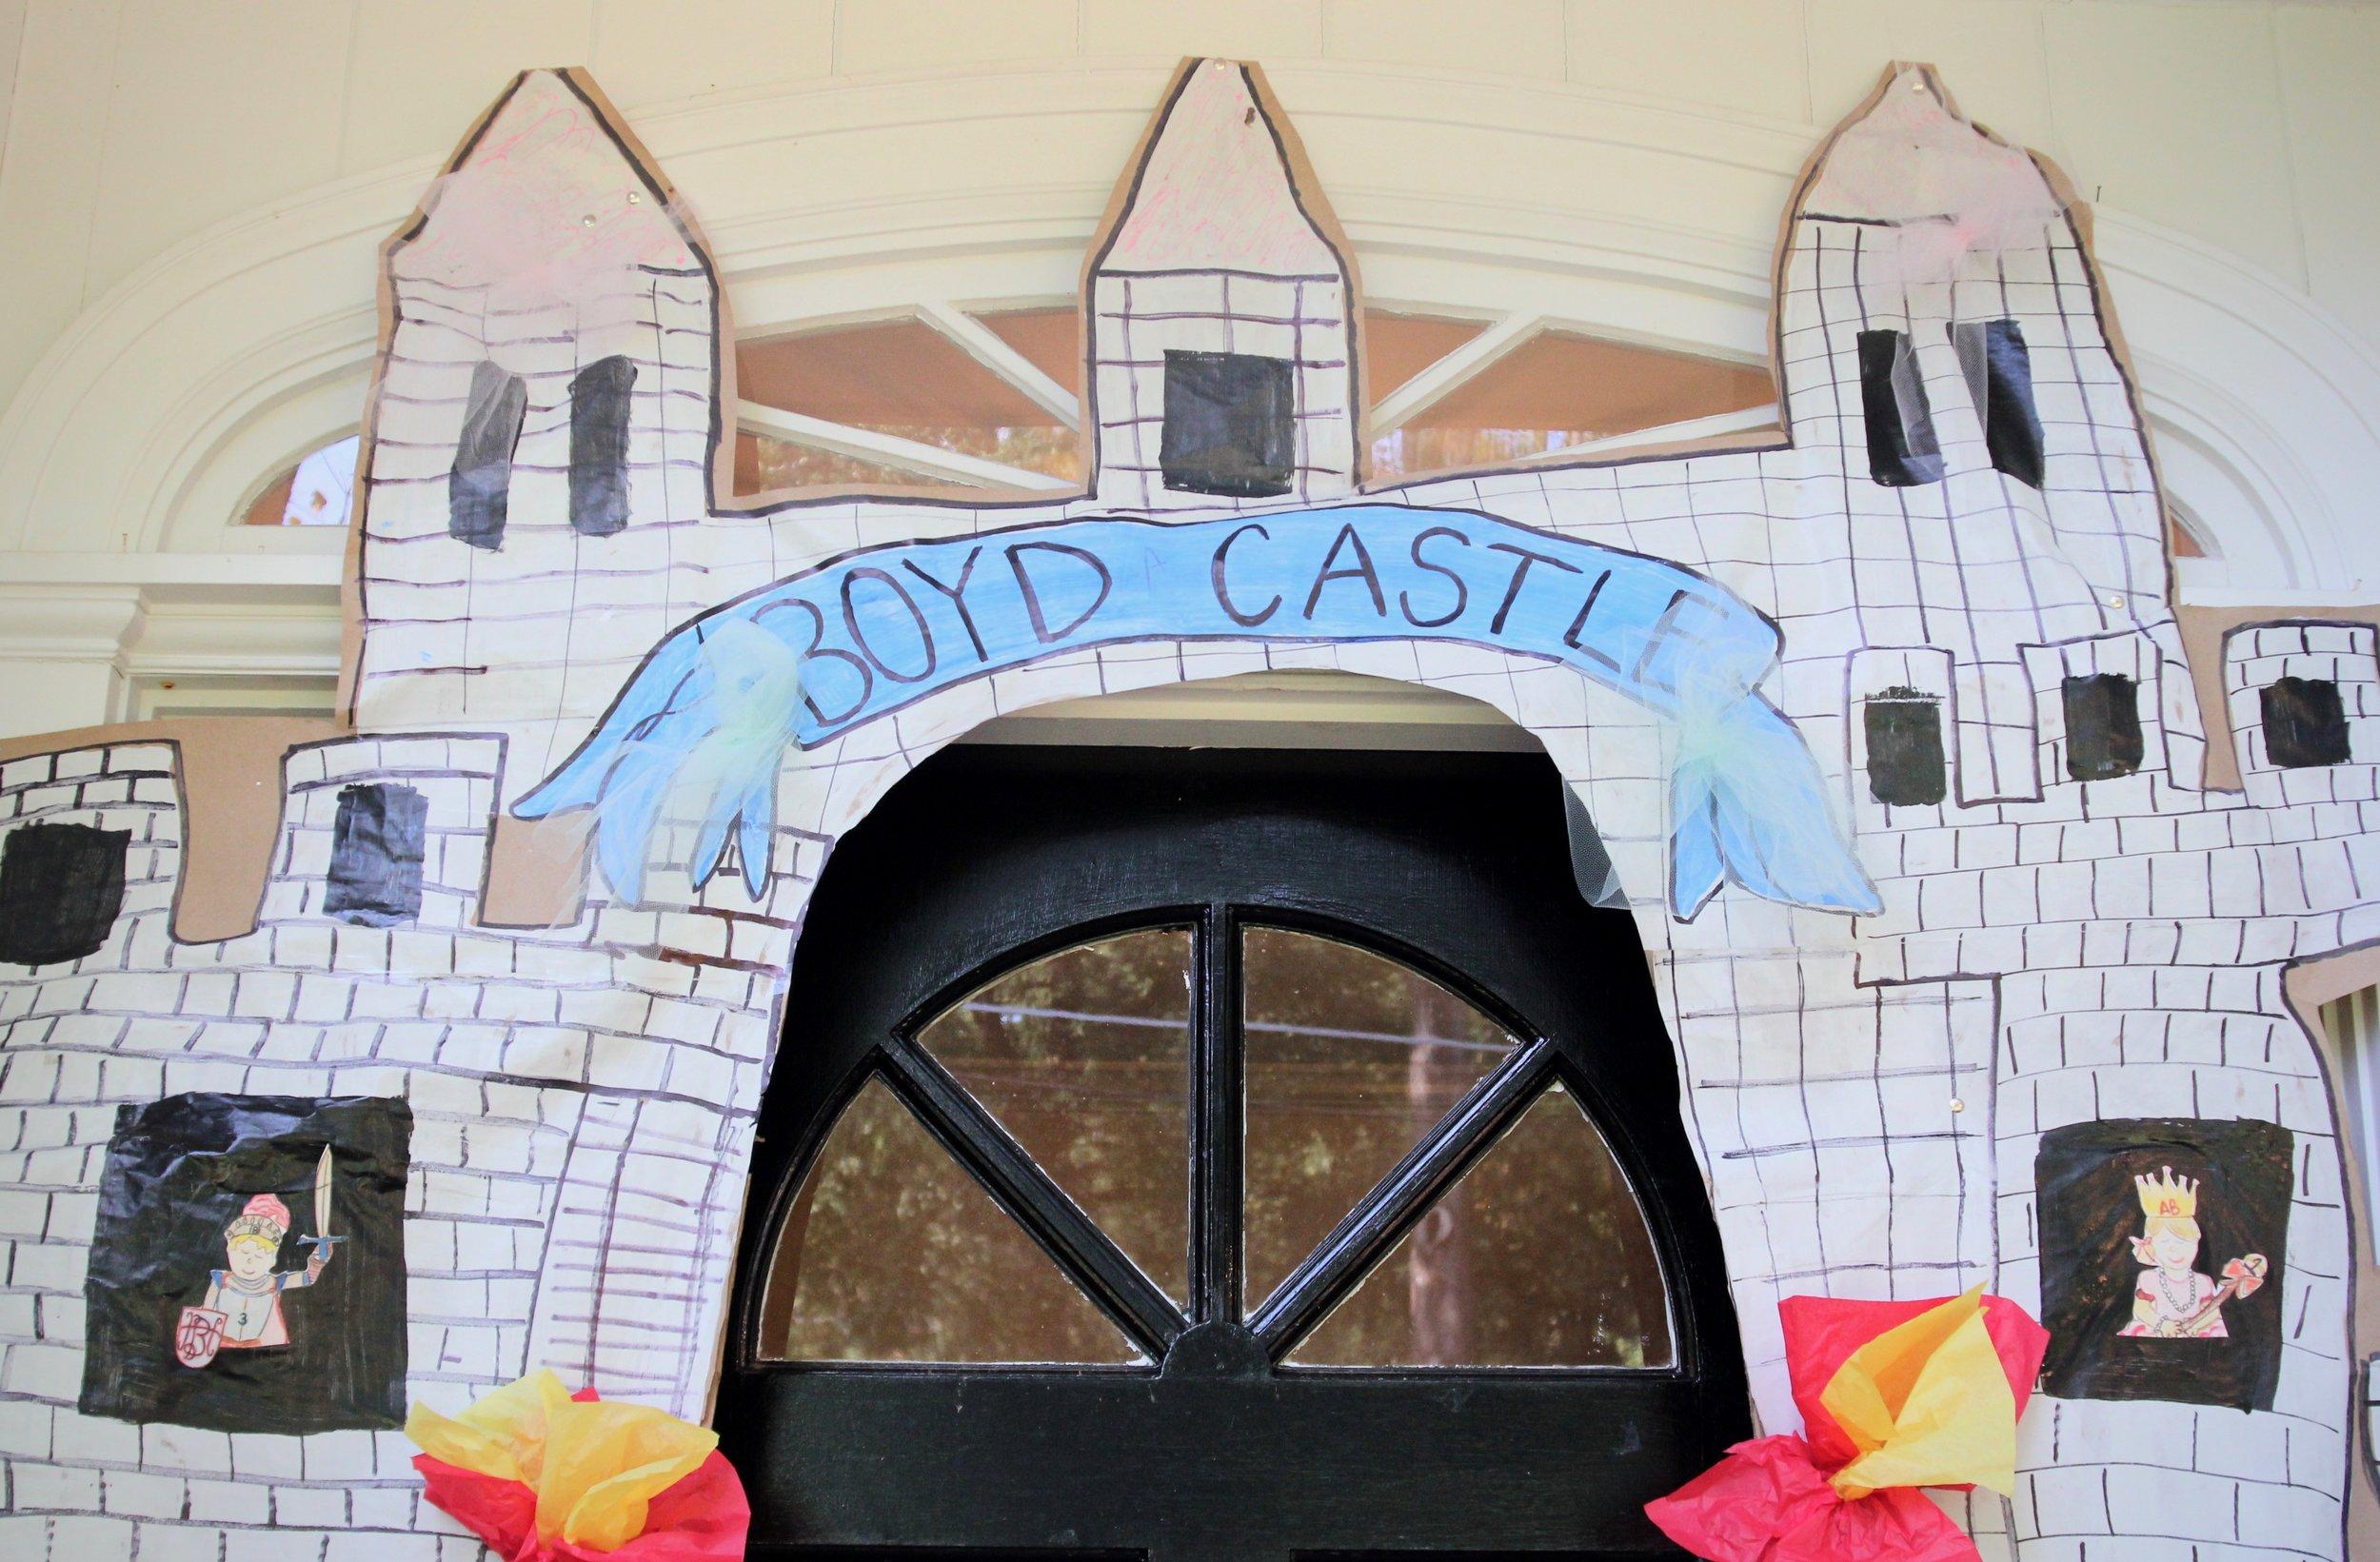 bday boyd castle 2.jpg